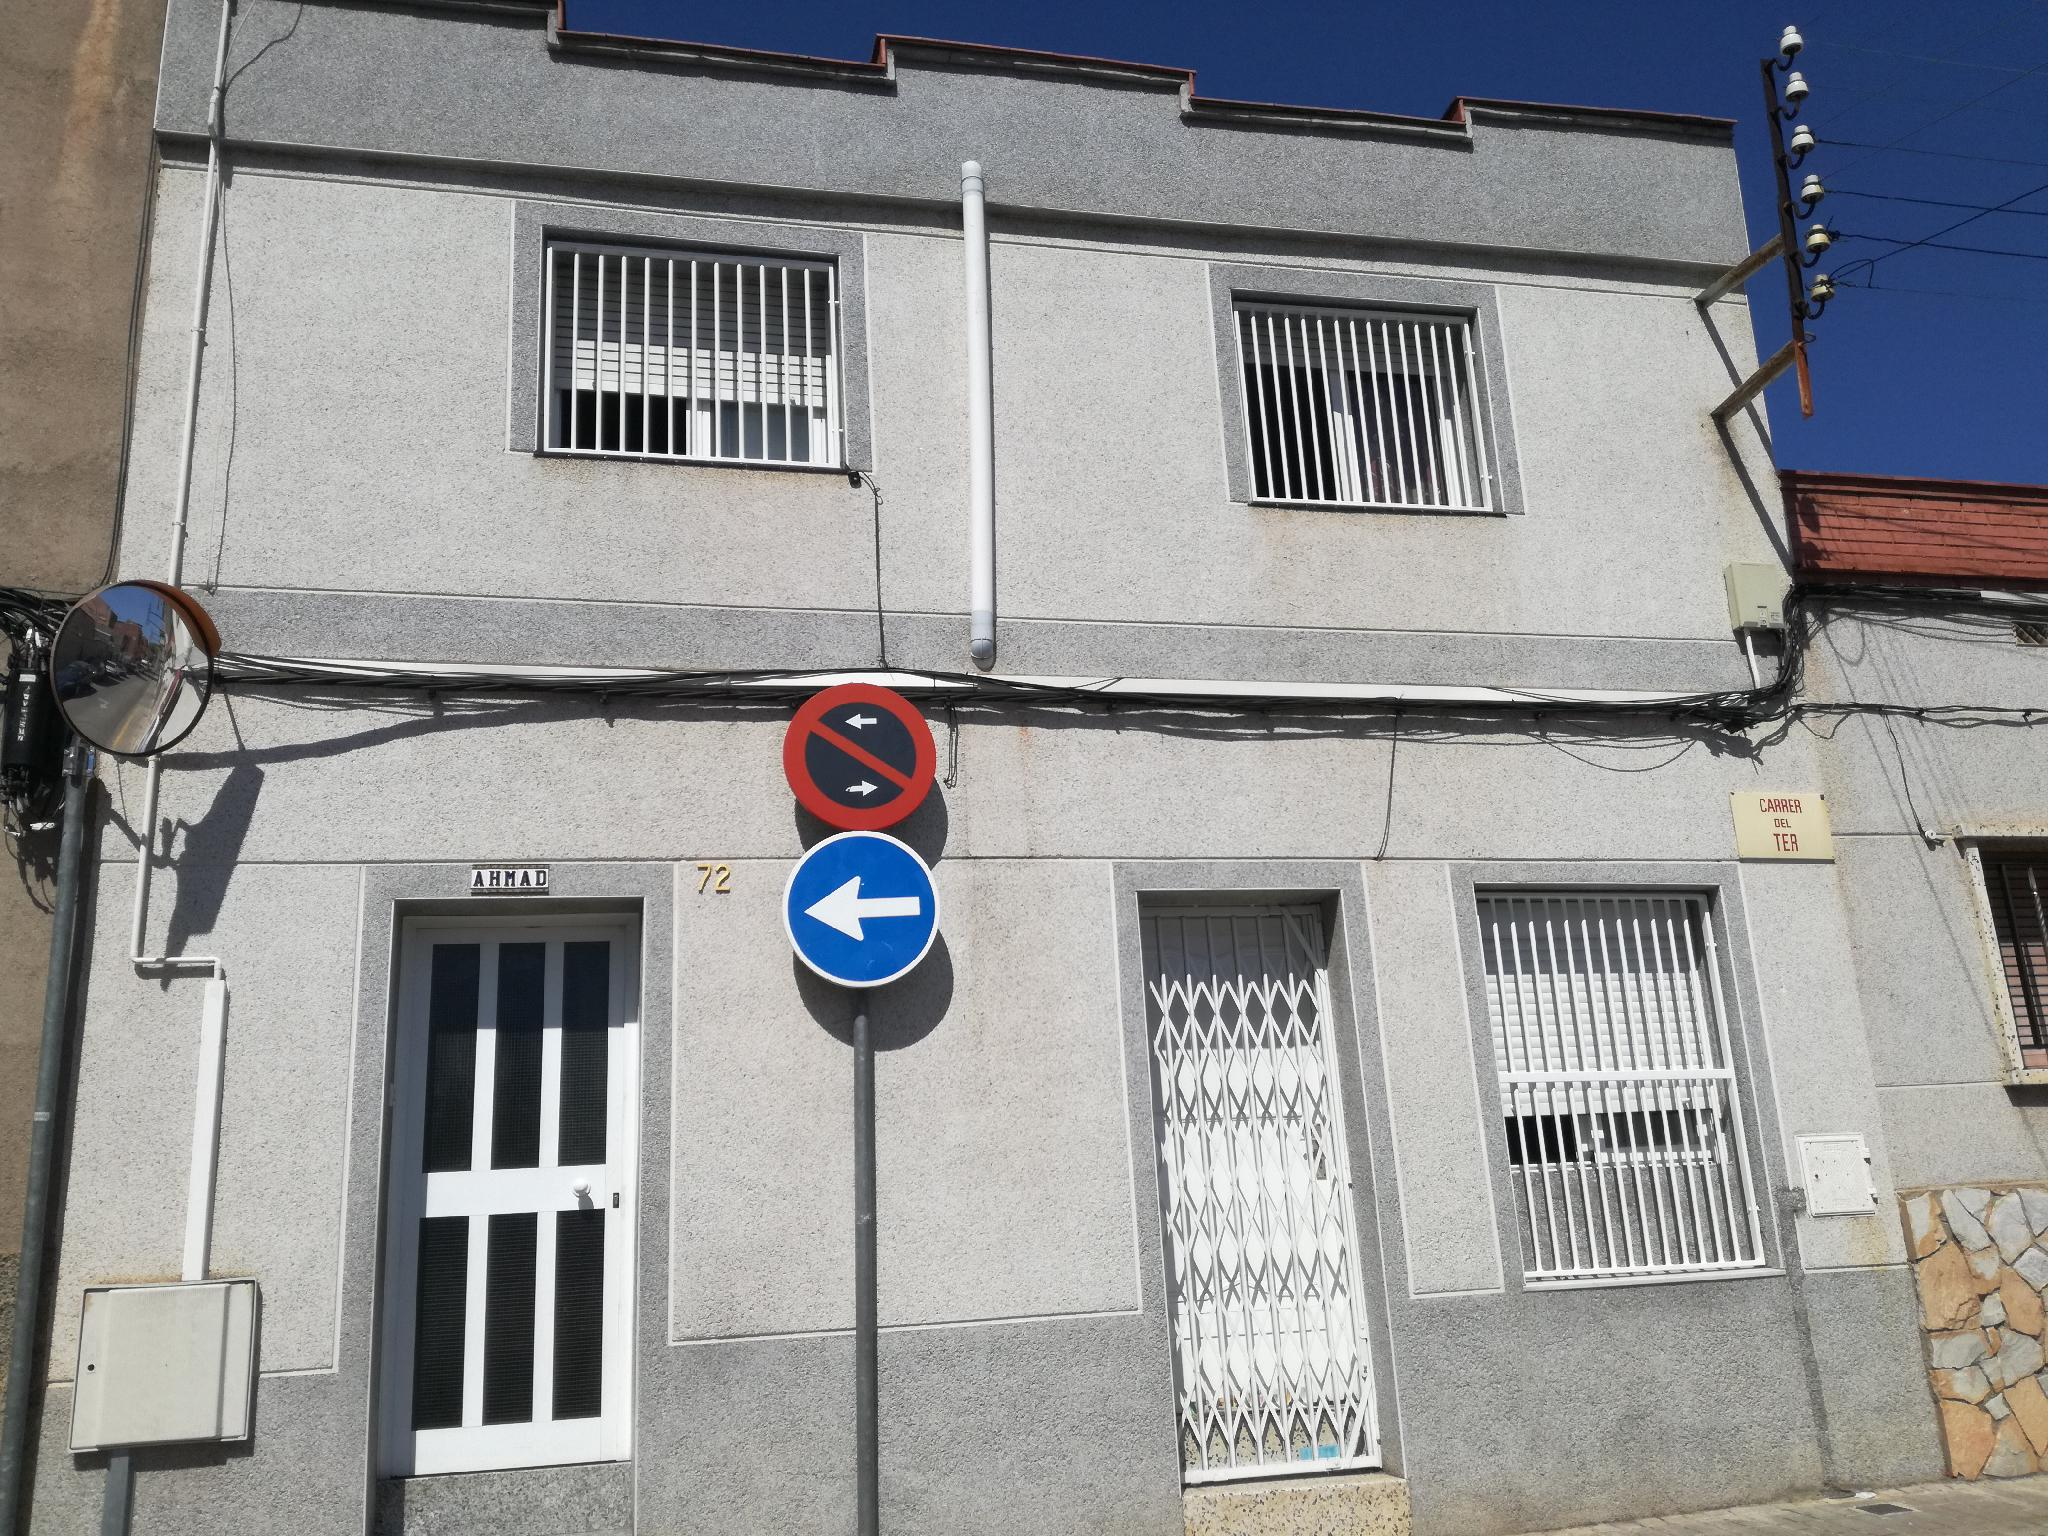 209629 - Torreromeu - Sabadell